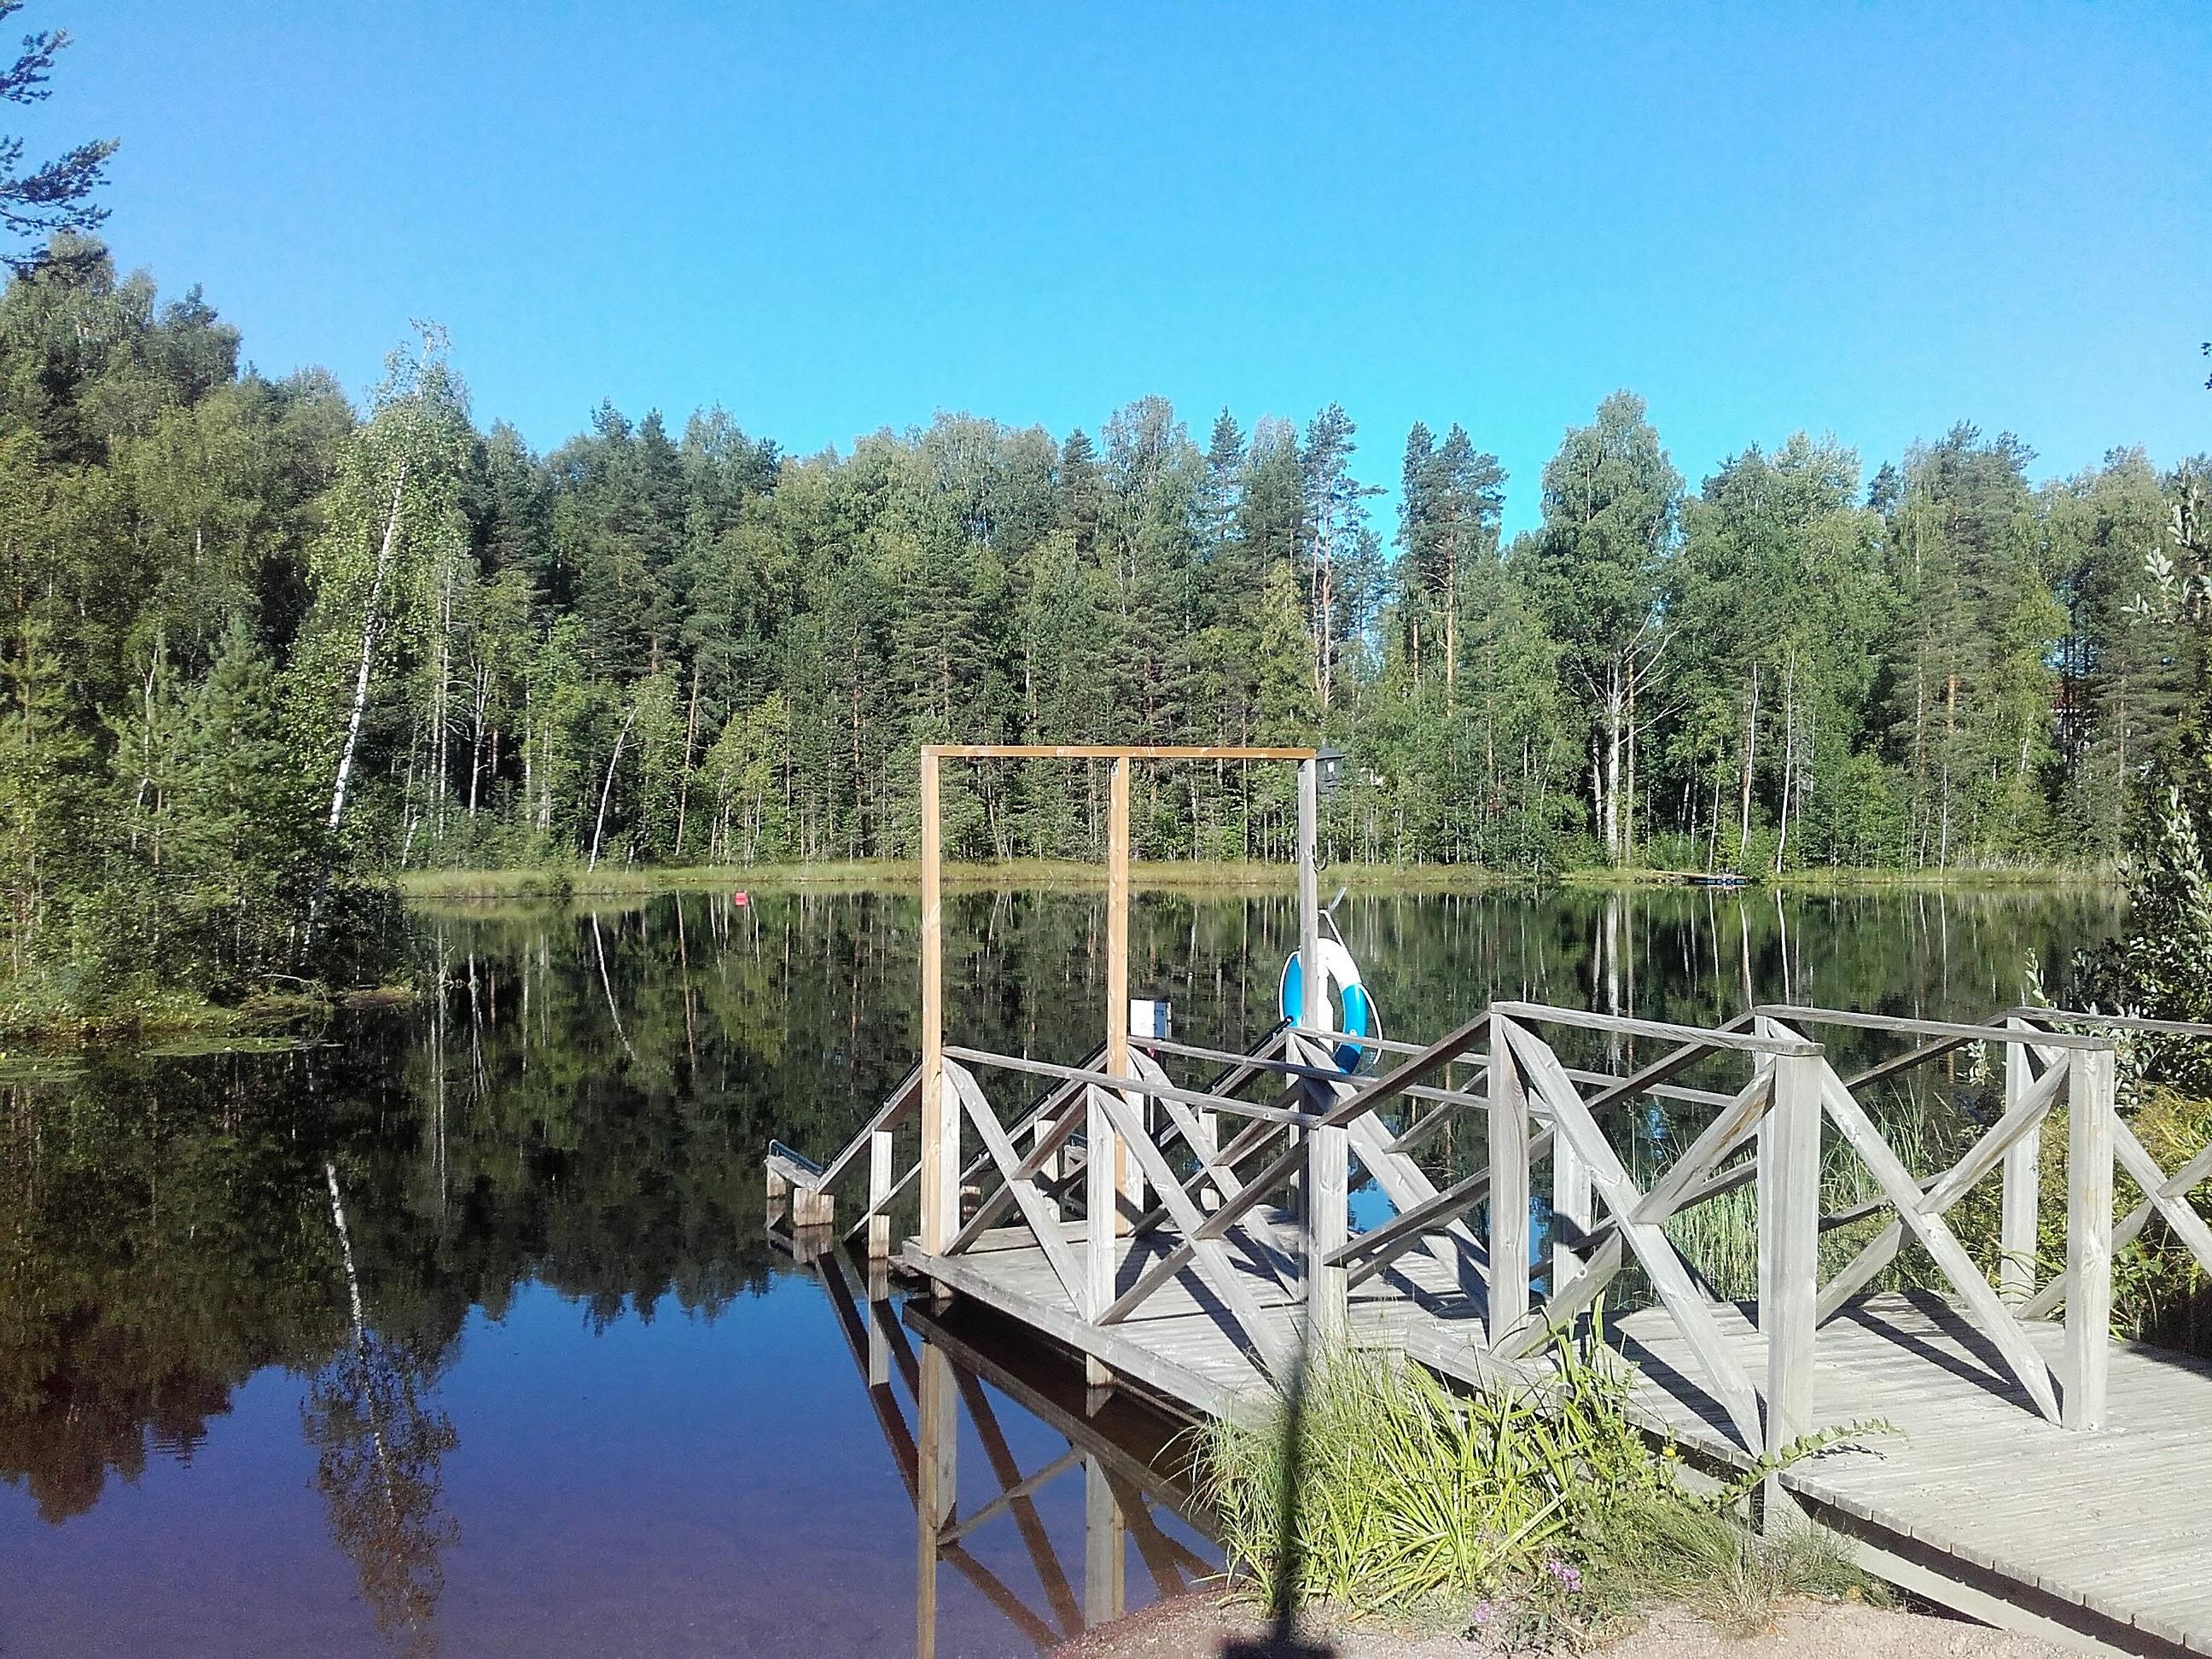 Valkealan kirkonkylän uimapaikka Likolammella.